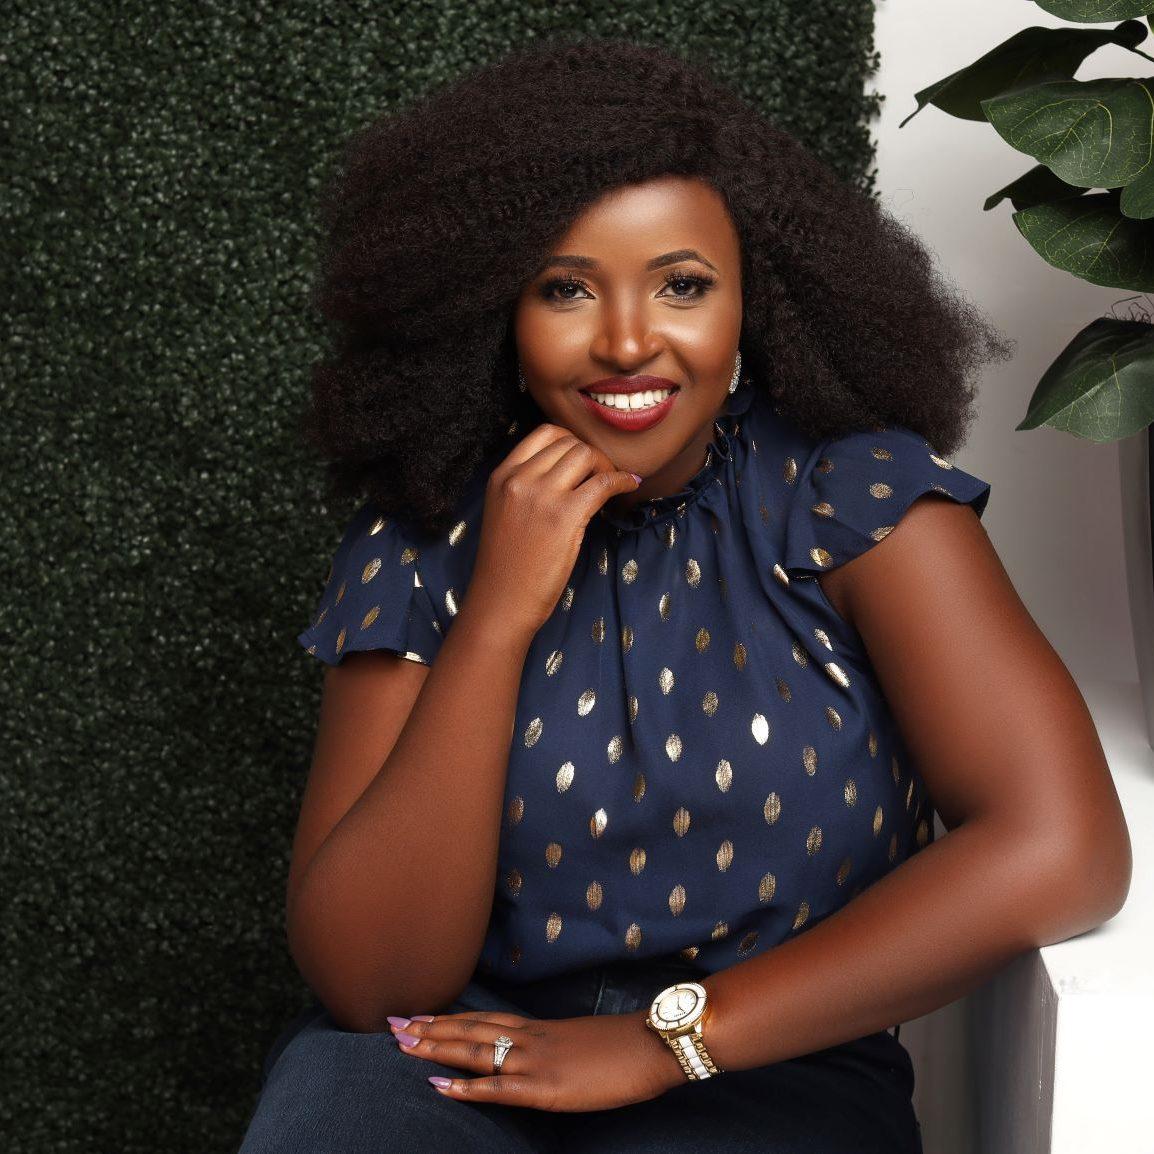 MaureenMwangi